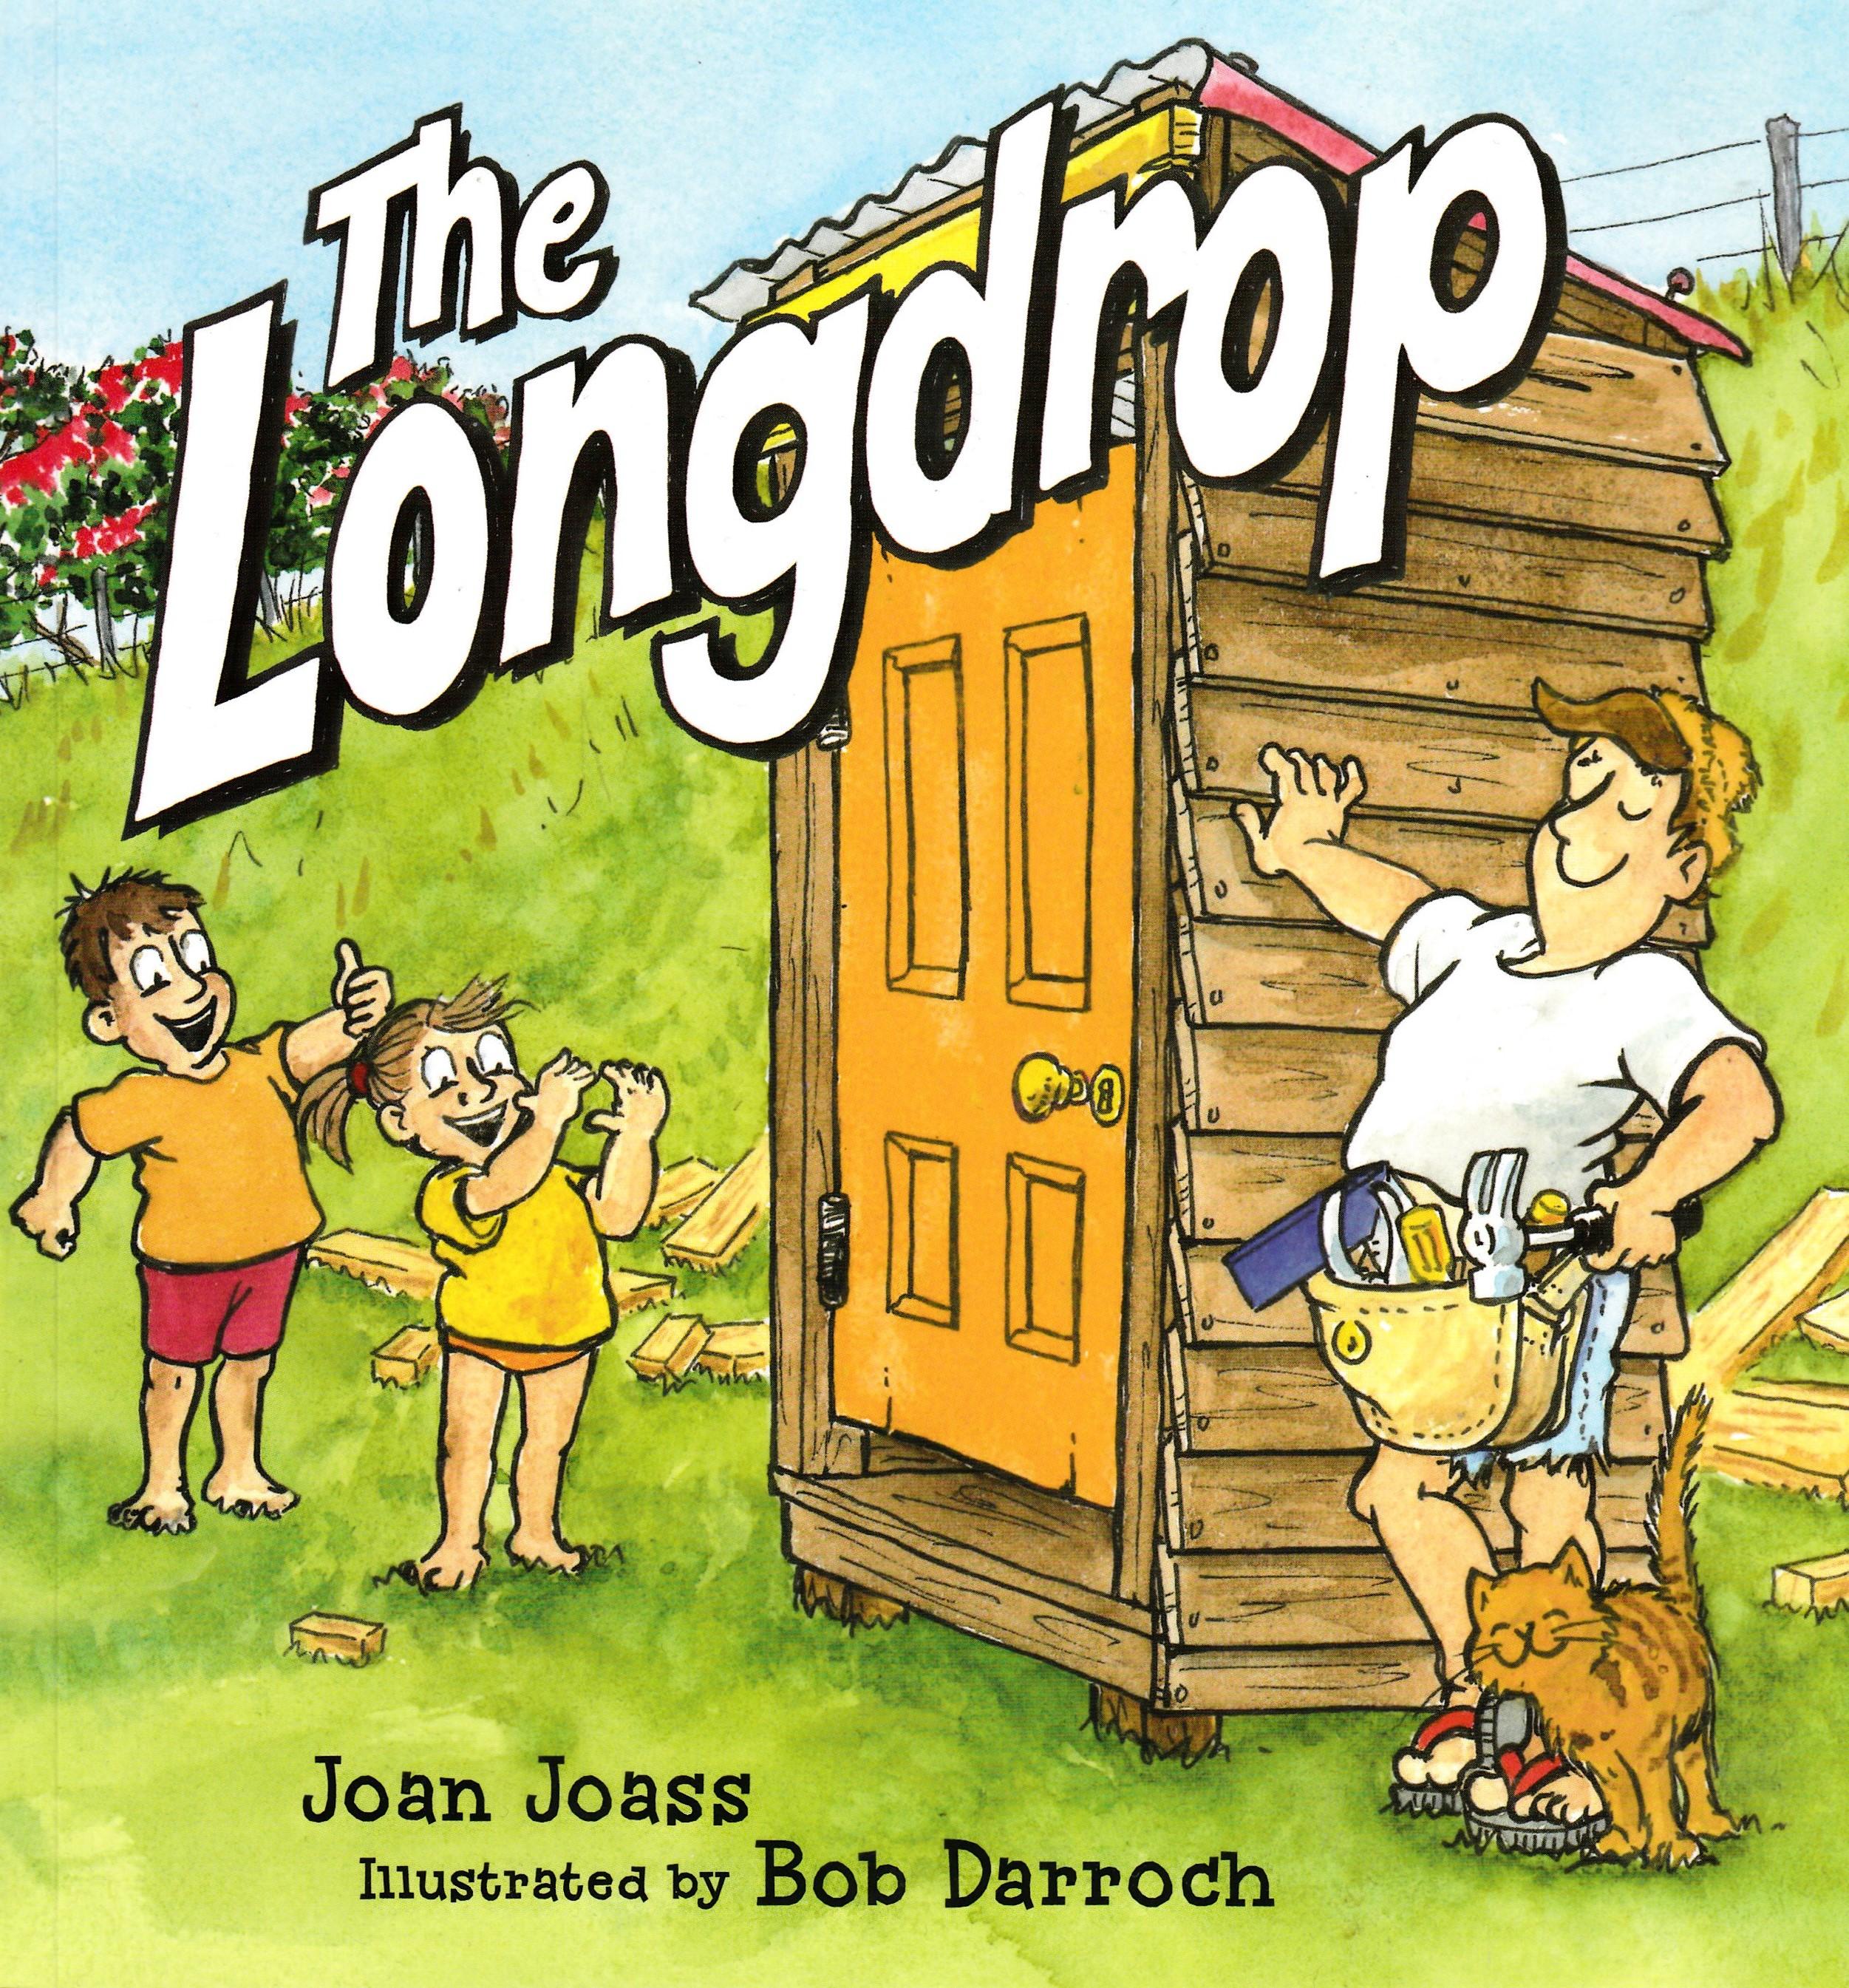 longdrop